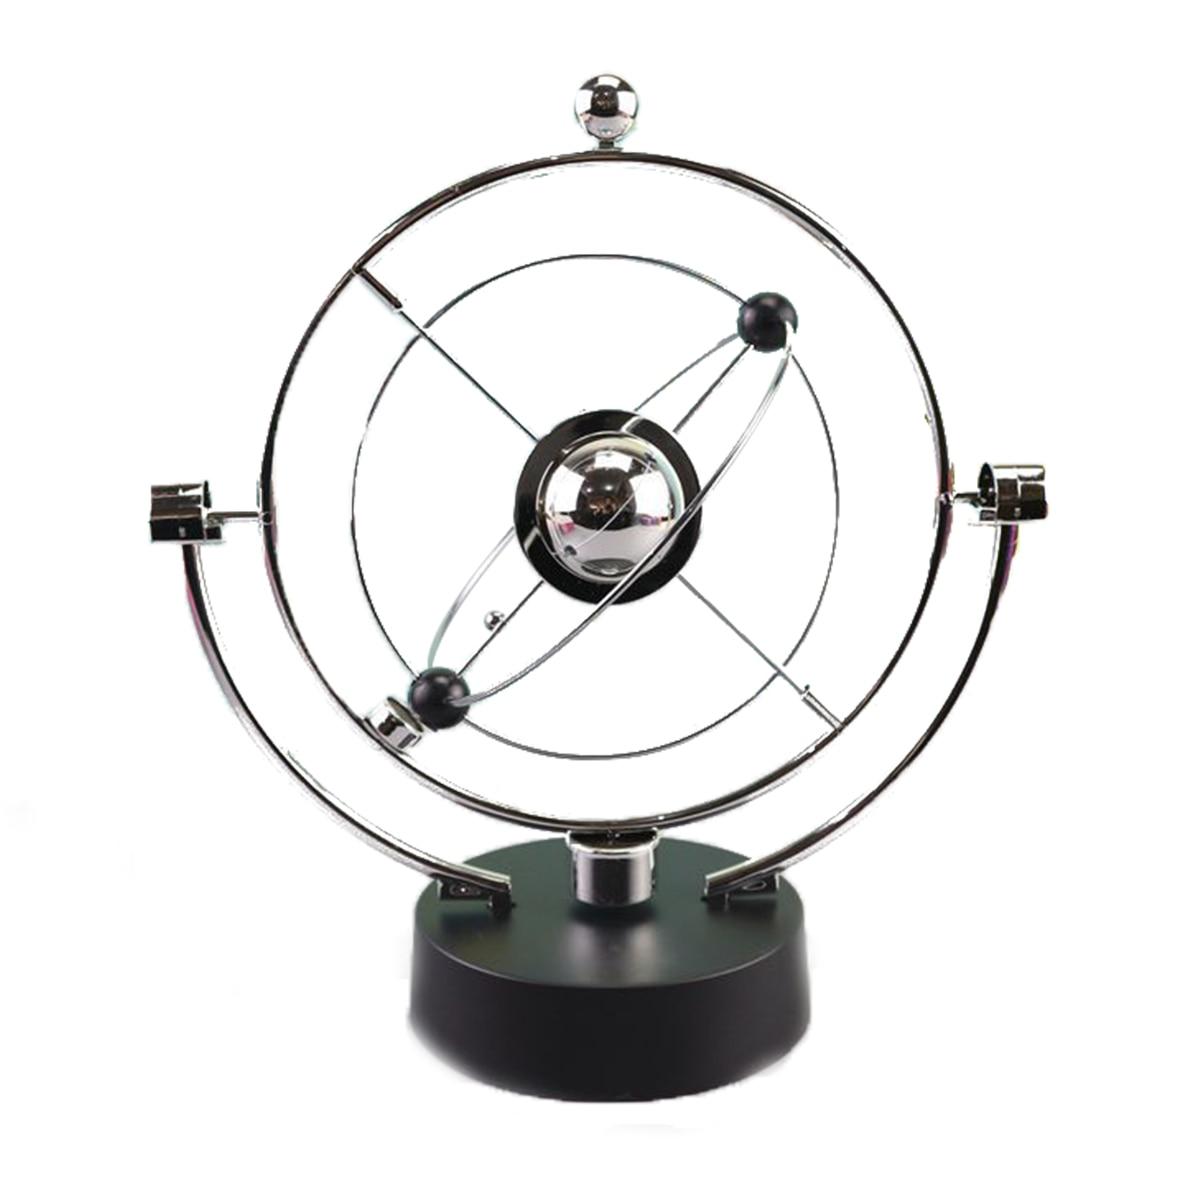 Вращающаяся вечная вращающаяся качель с клетчатым шаром, модель, вращающийся орбитальный вращающийся гаджет, украшение для дома